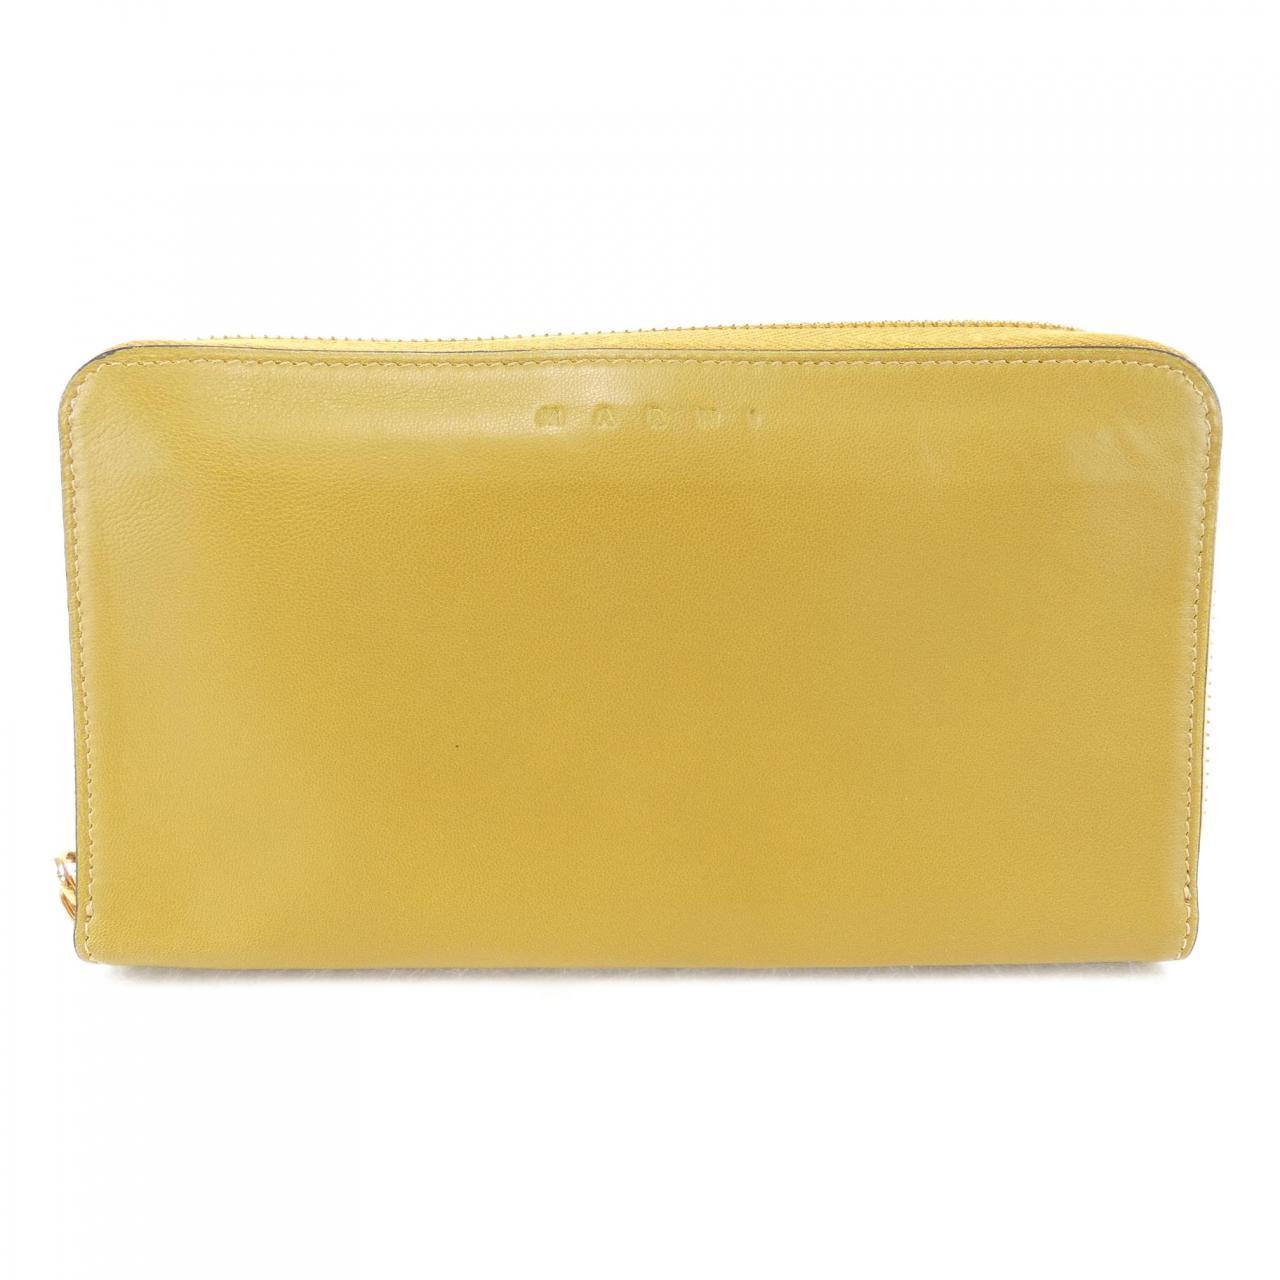 イエローの長財布